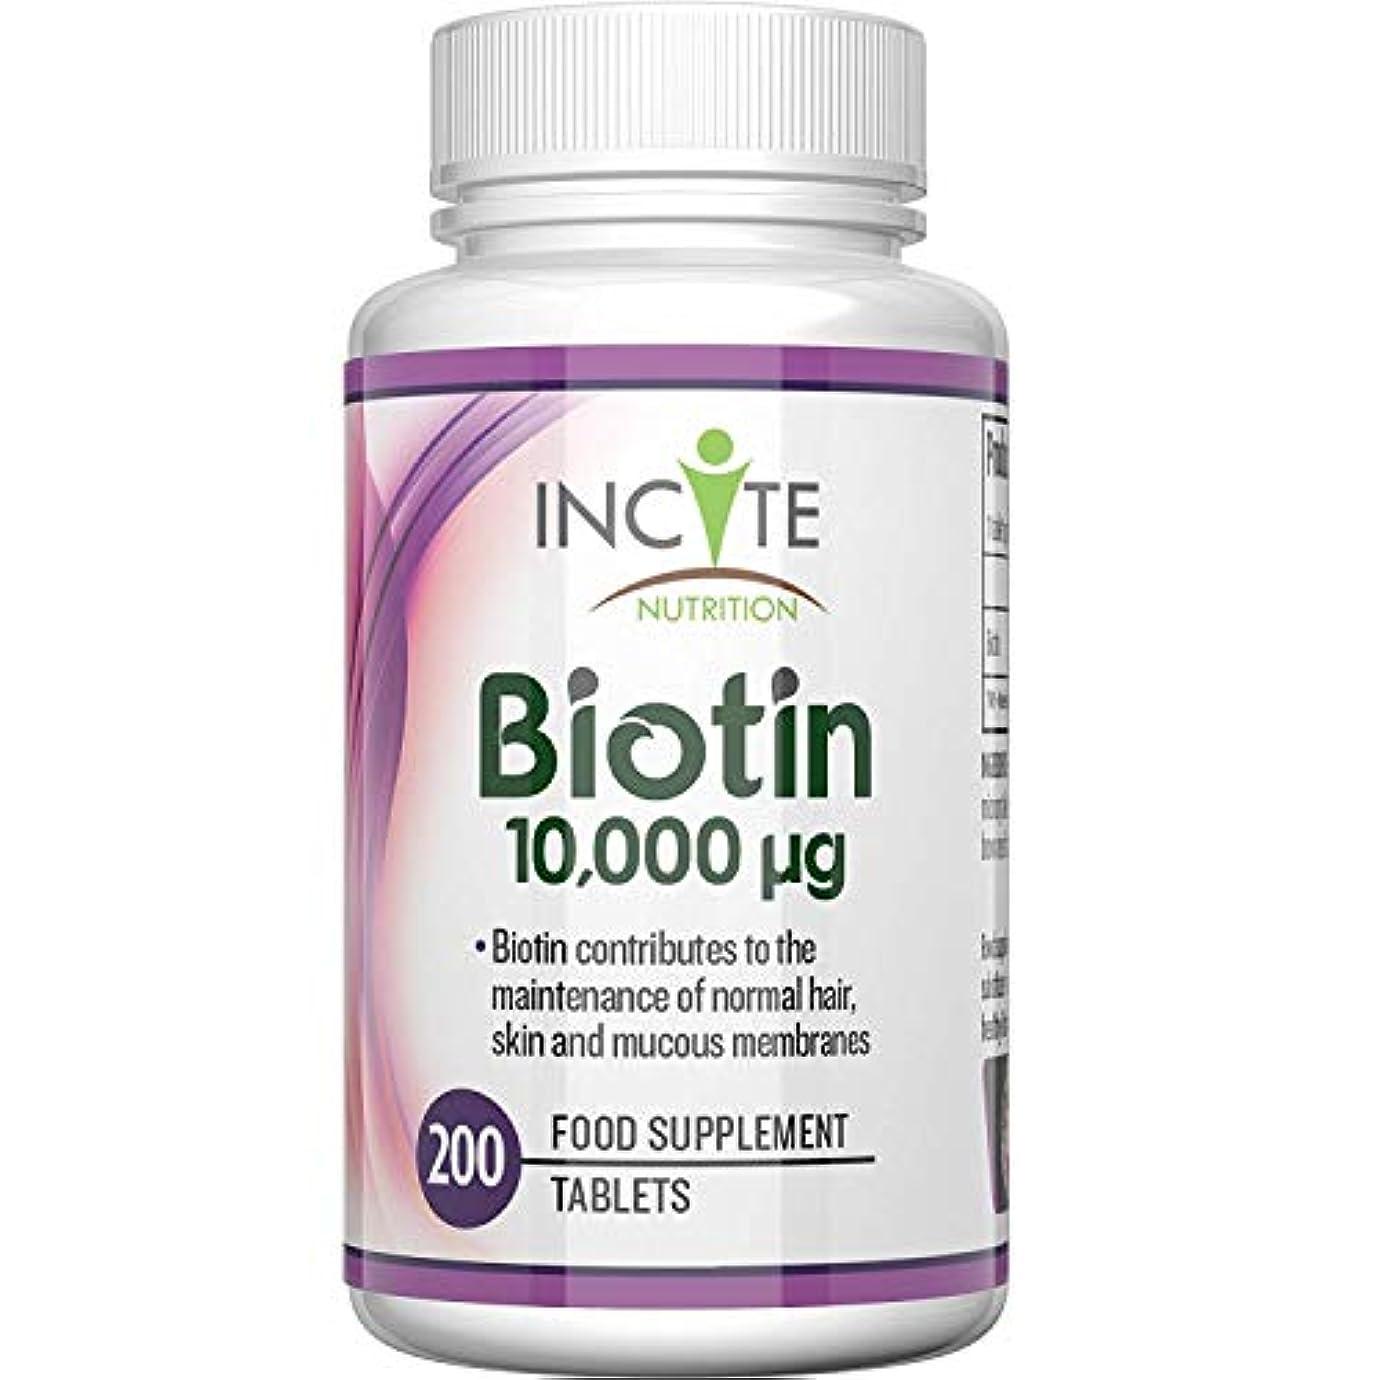 外科医とにかく知恵栄養強化ビオチン育毛ビタミン10000MCG 200 6 mm錠